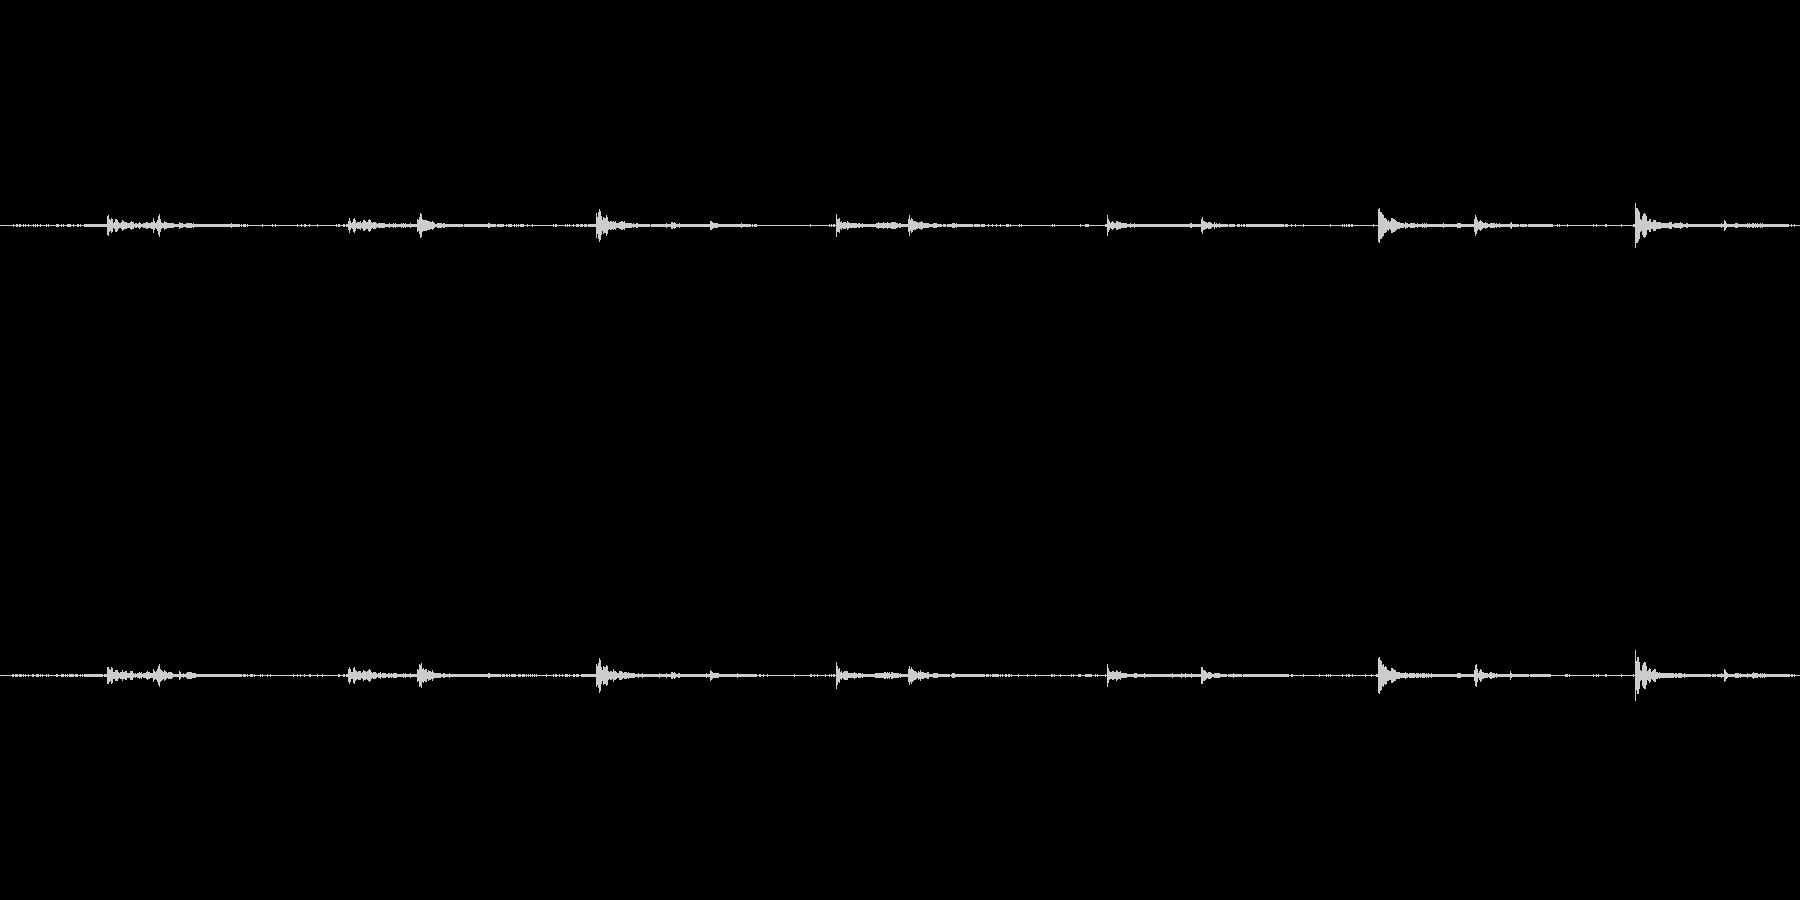 【生音】歩く・室内・スリッパ - 3 …の未再生の波形